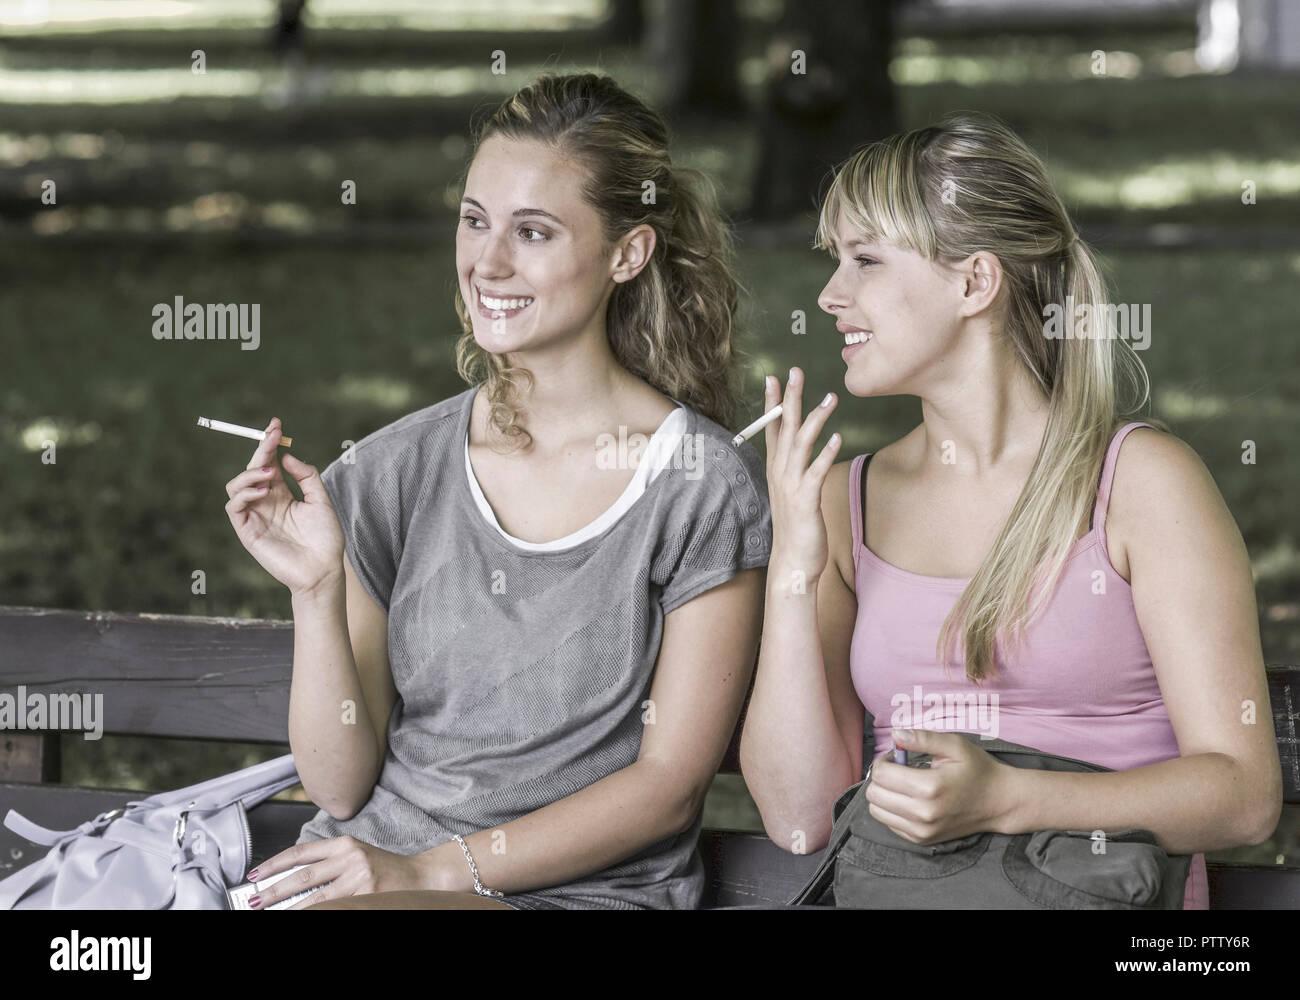 Mädchen rauchen Zigarette 2 Wie finden